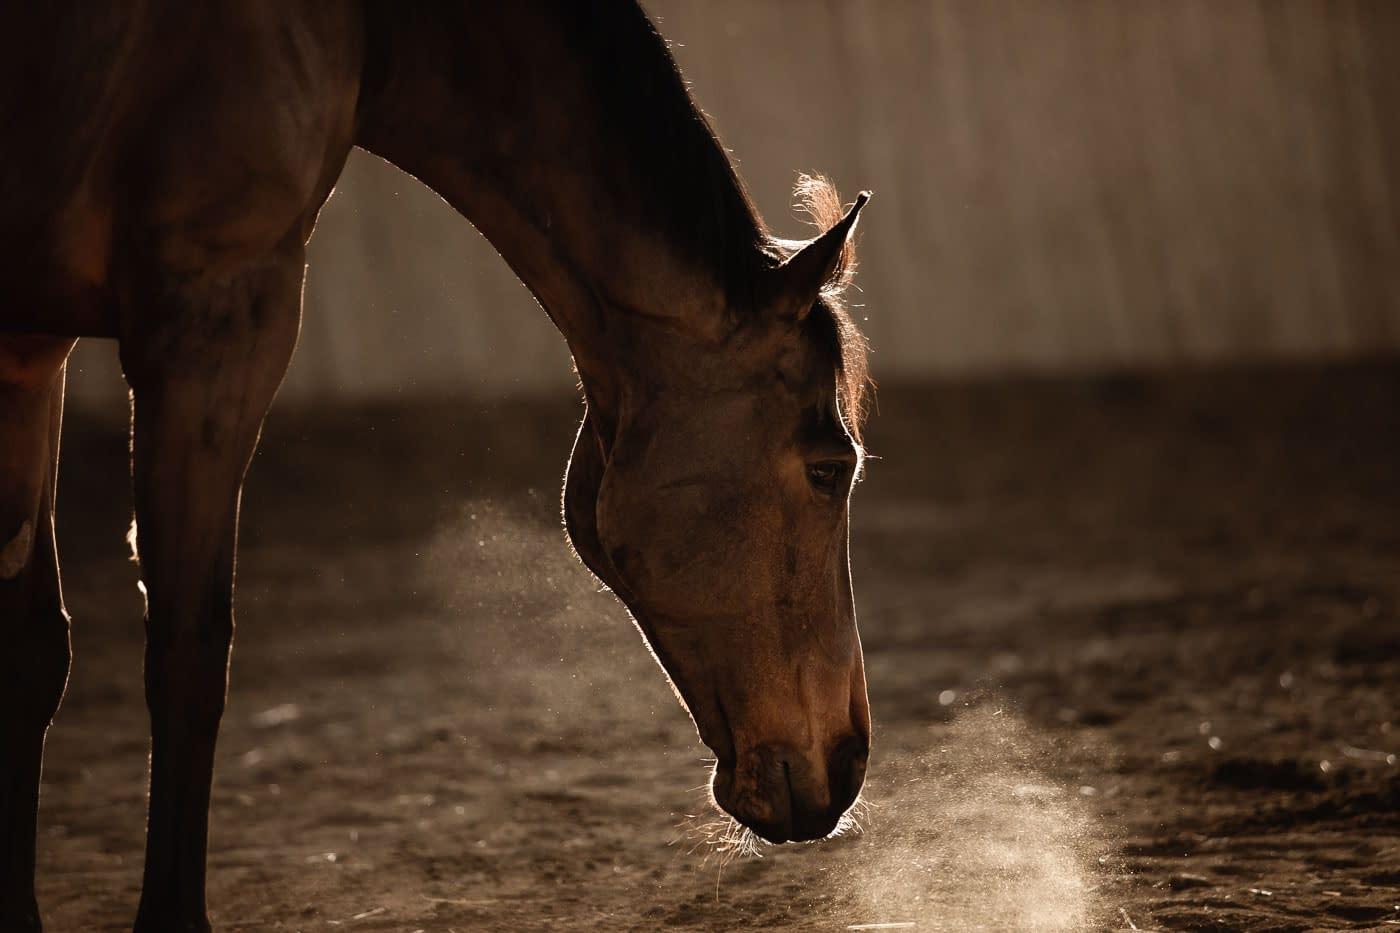 Souffle d'un cheval dans le sable - Faustine Gauchet